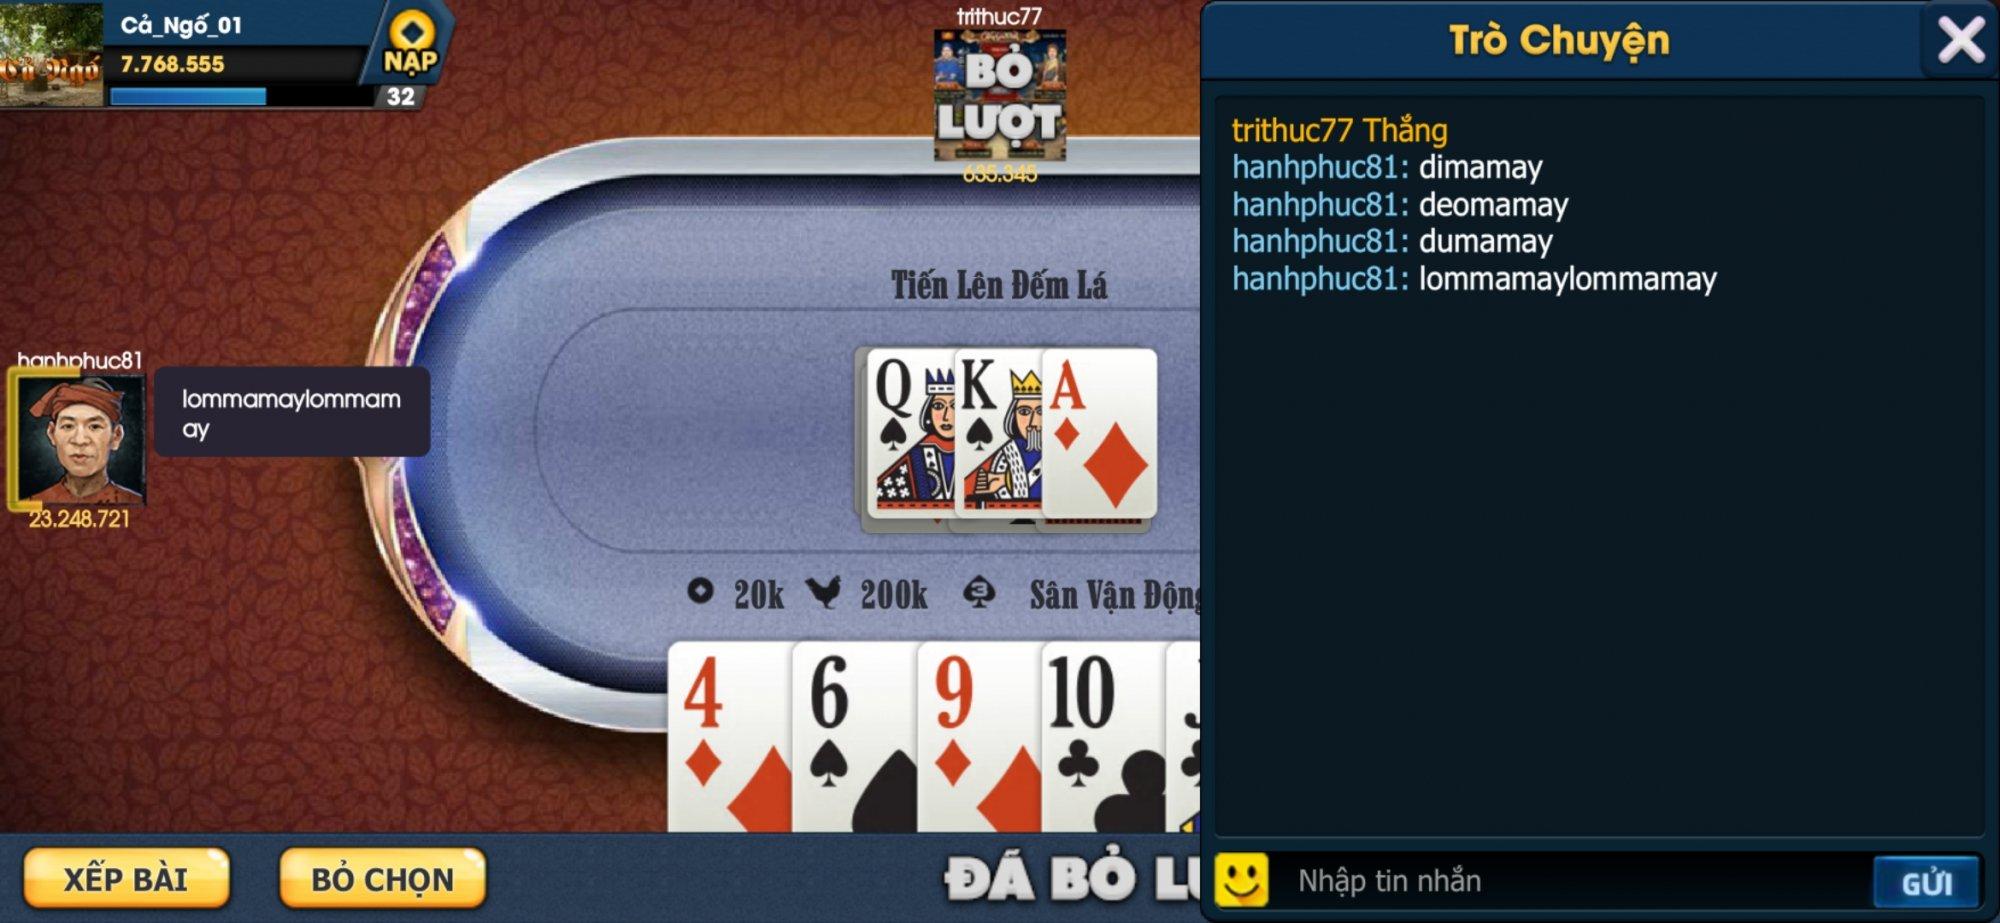 Screenshot_20201123-202244_Tin Ln Online.